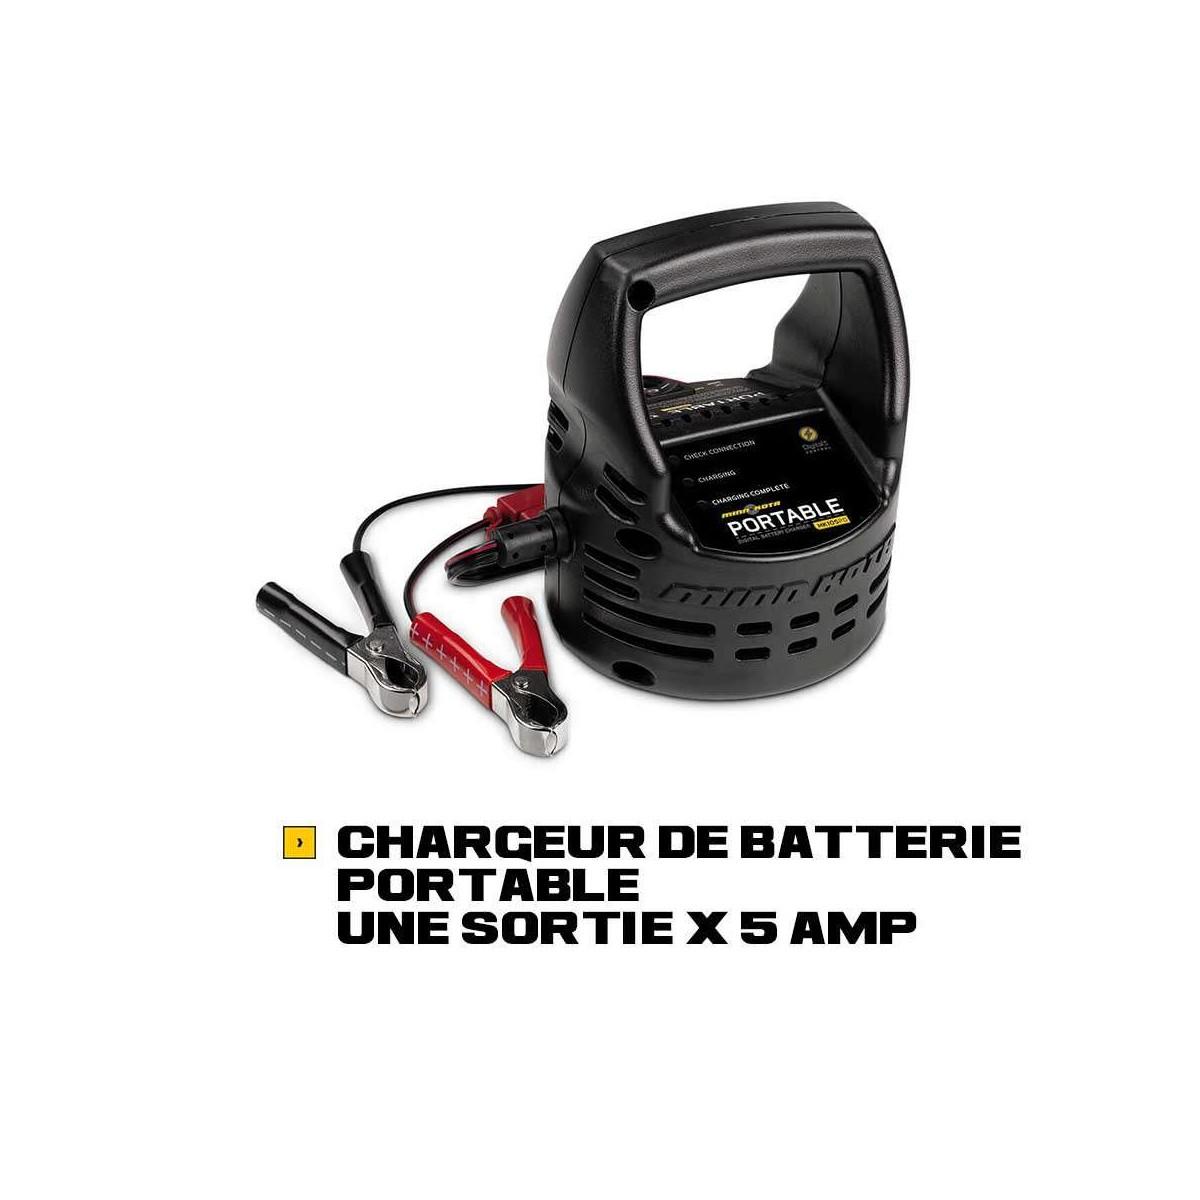 Chargeurs de batteries portables